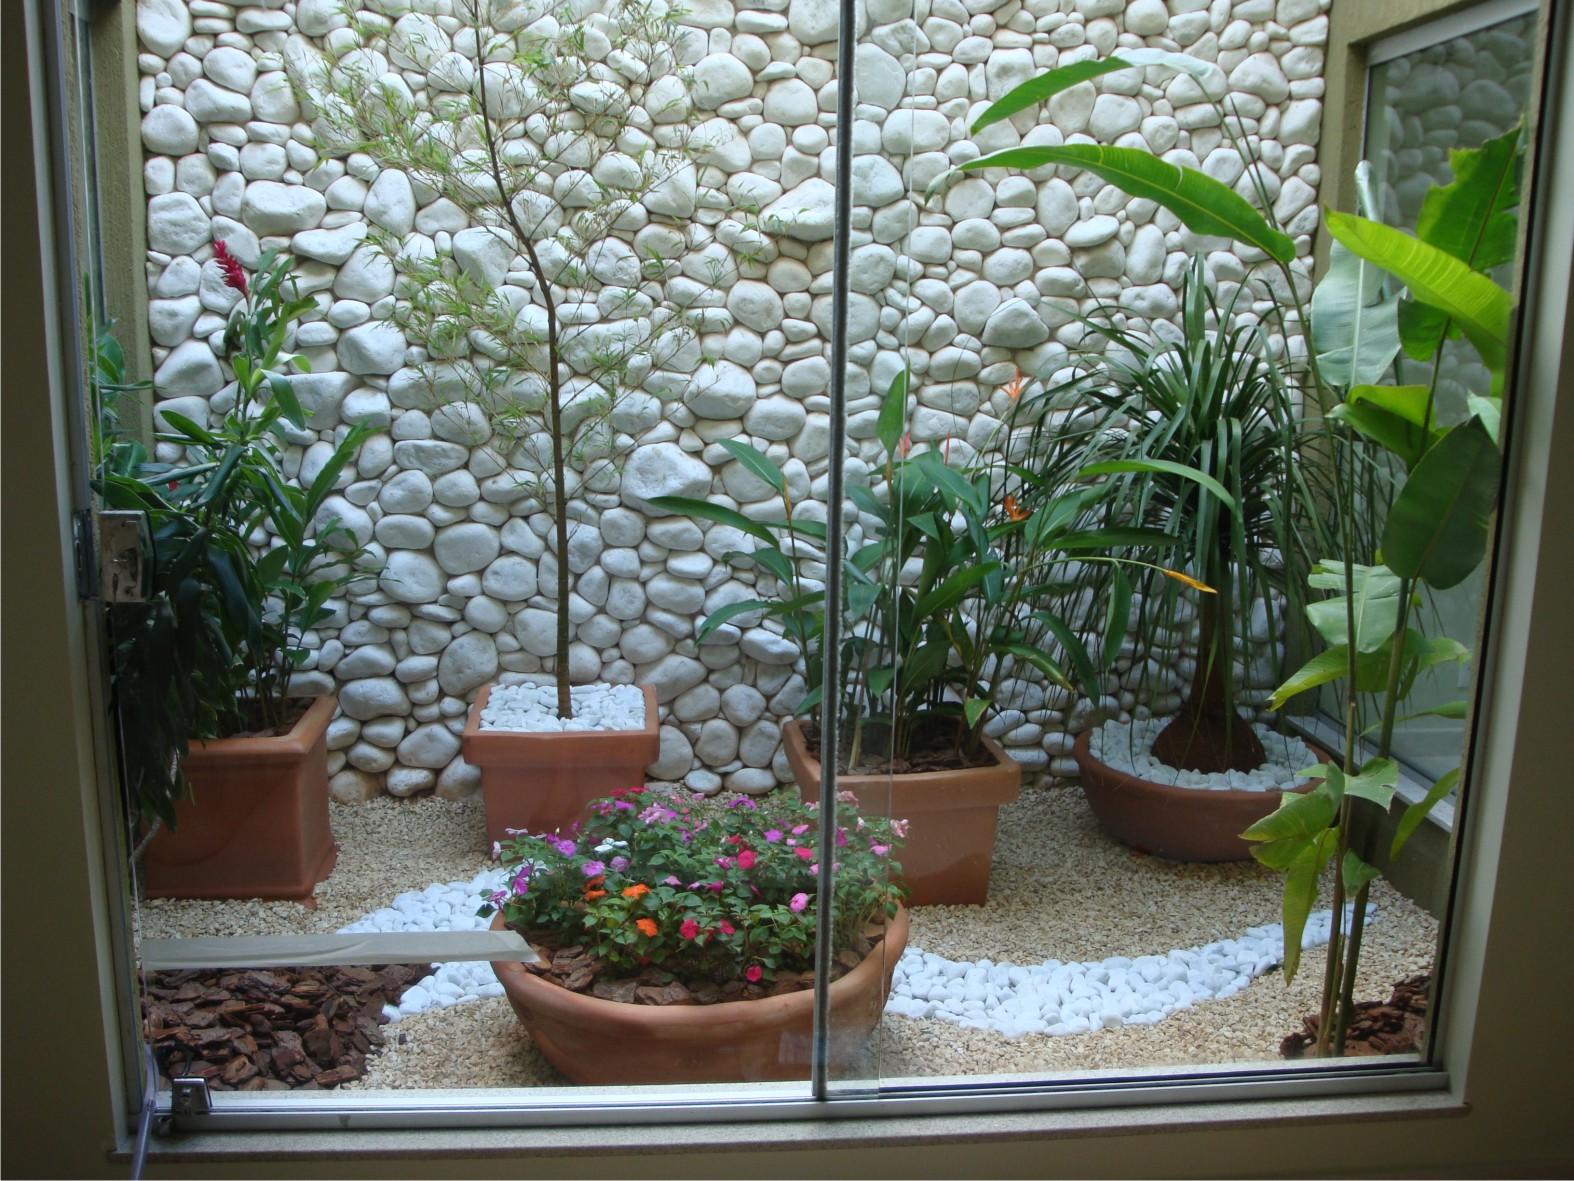 decorar um jardim : decorar um jardim:Decoração para jardim de inverno pequeno